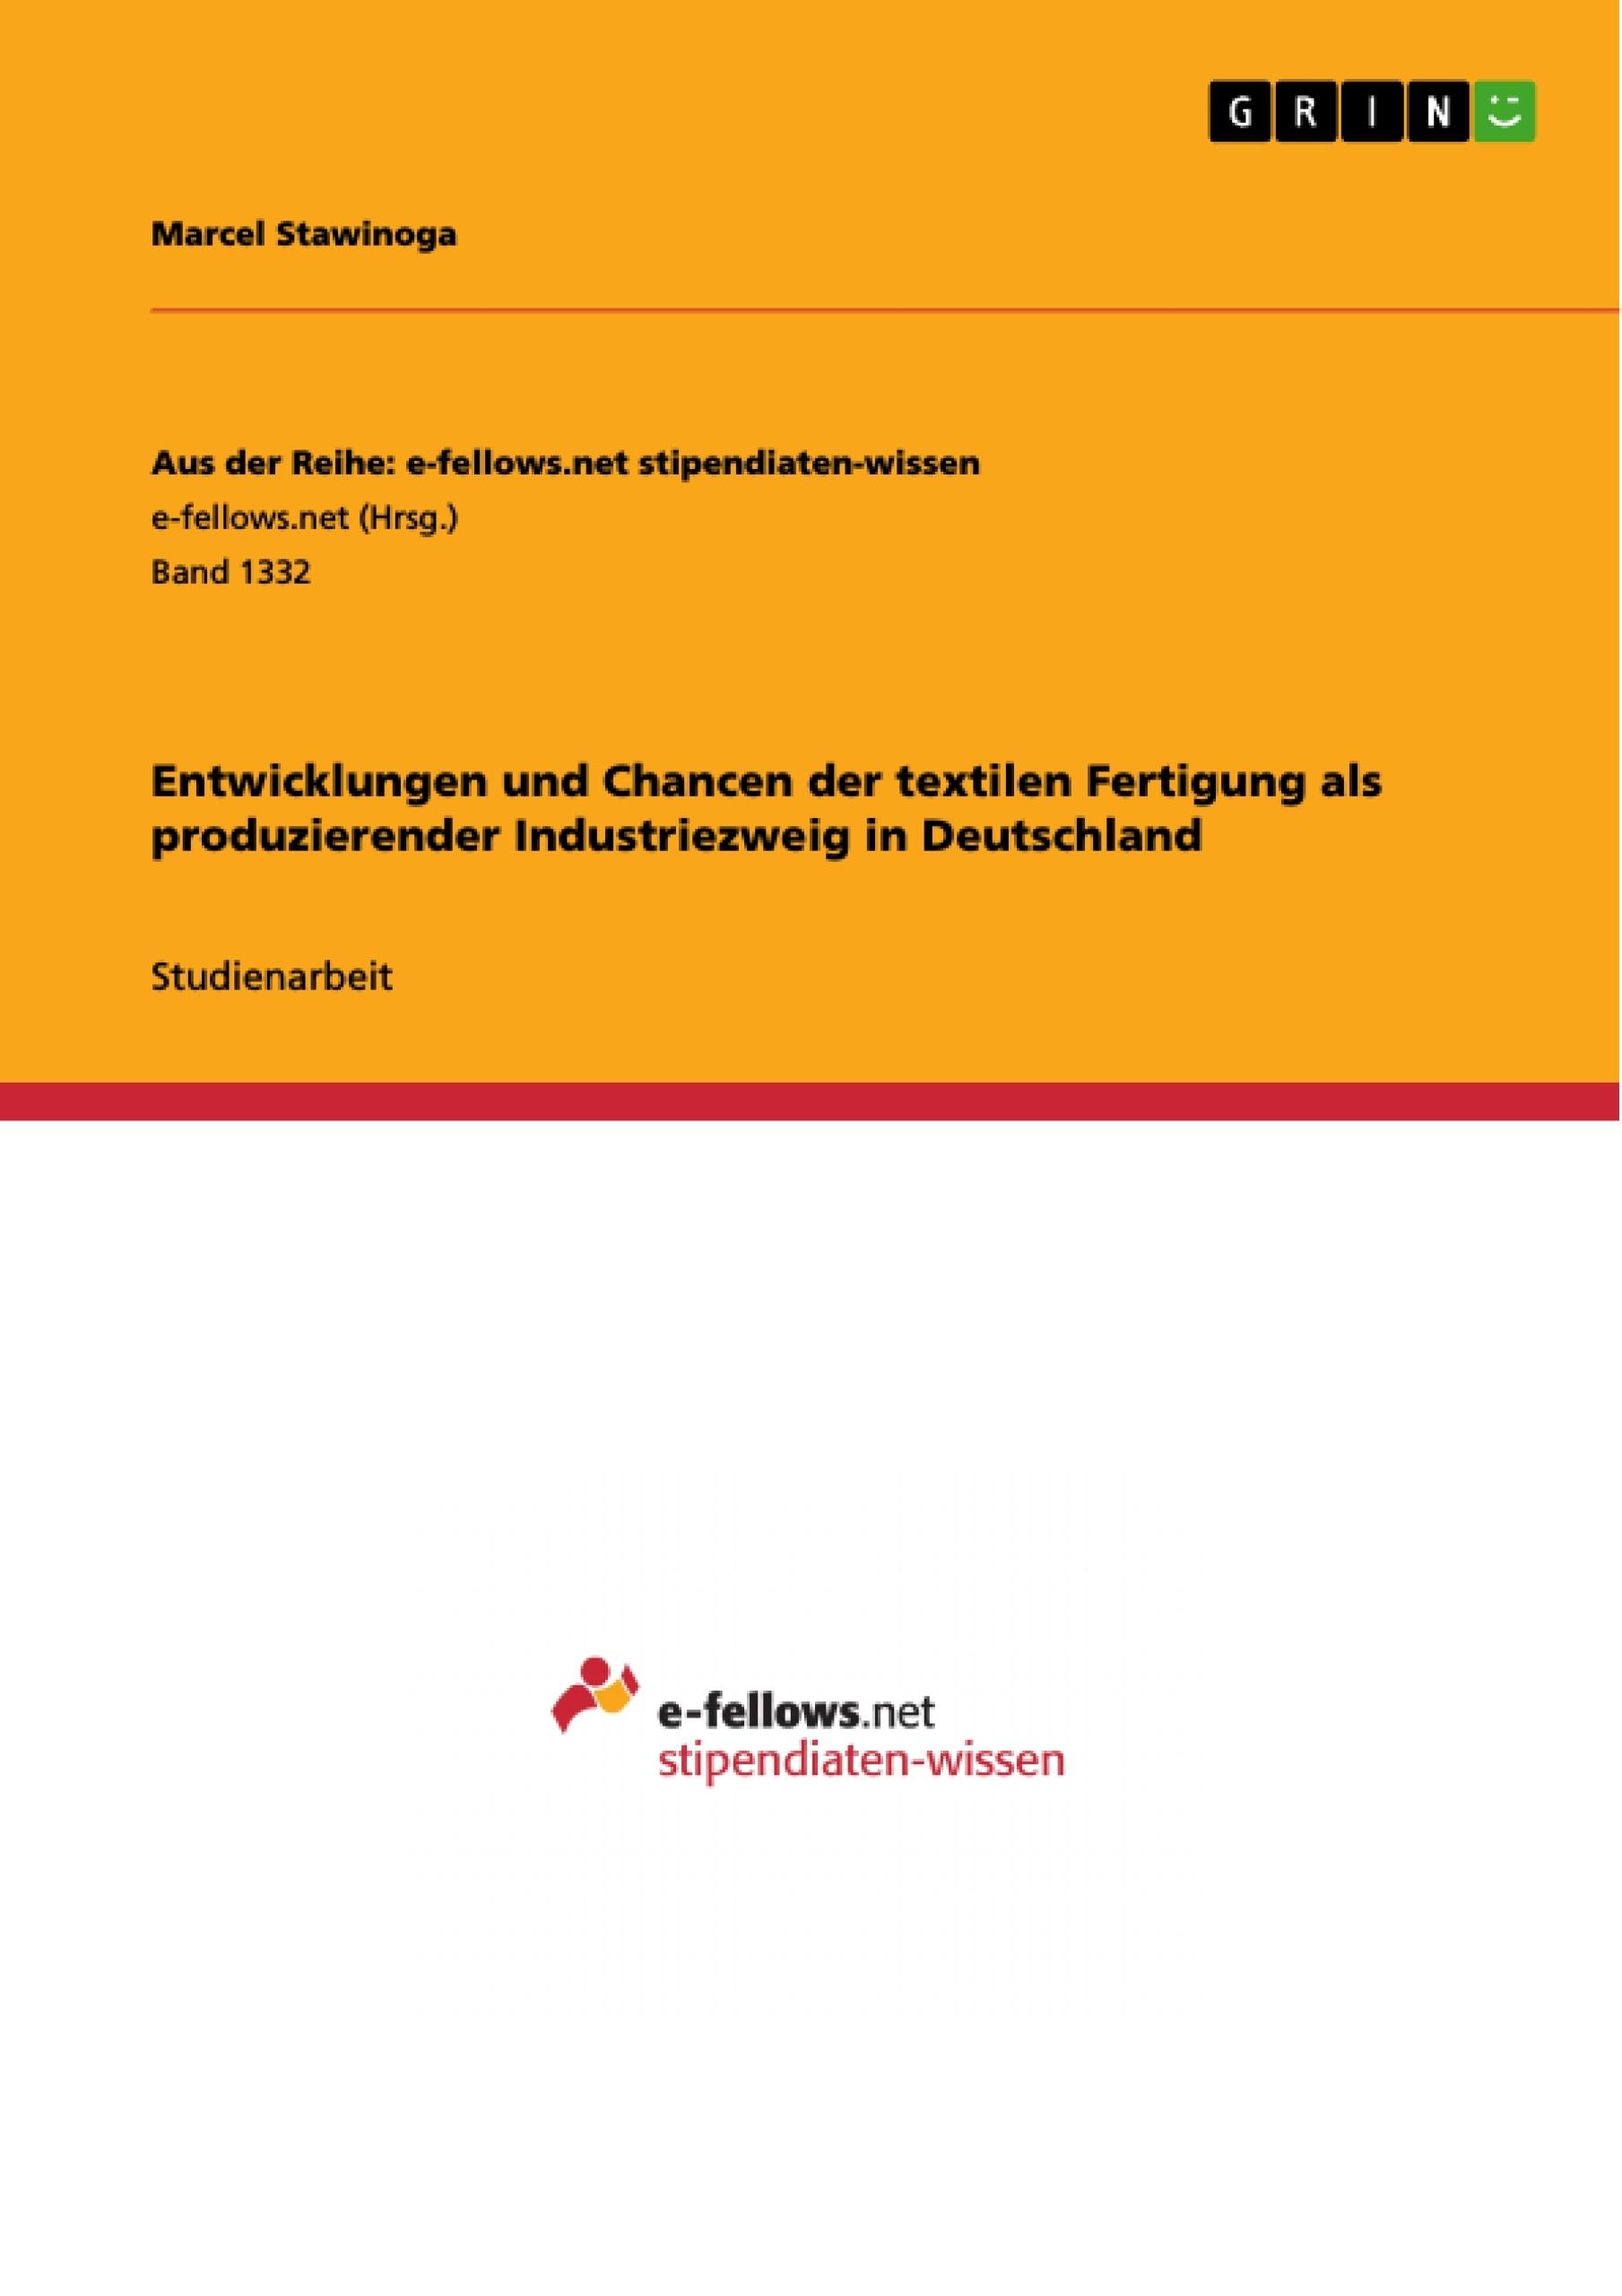 Titel: Entwicklungen und Chancen der textilen Fertigung als produzierender Industriezweig in Deutschland